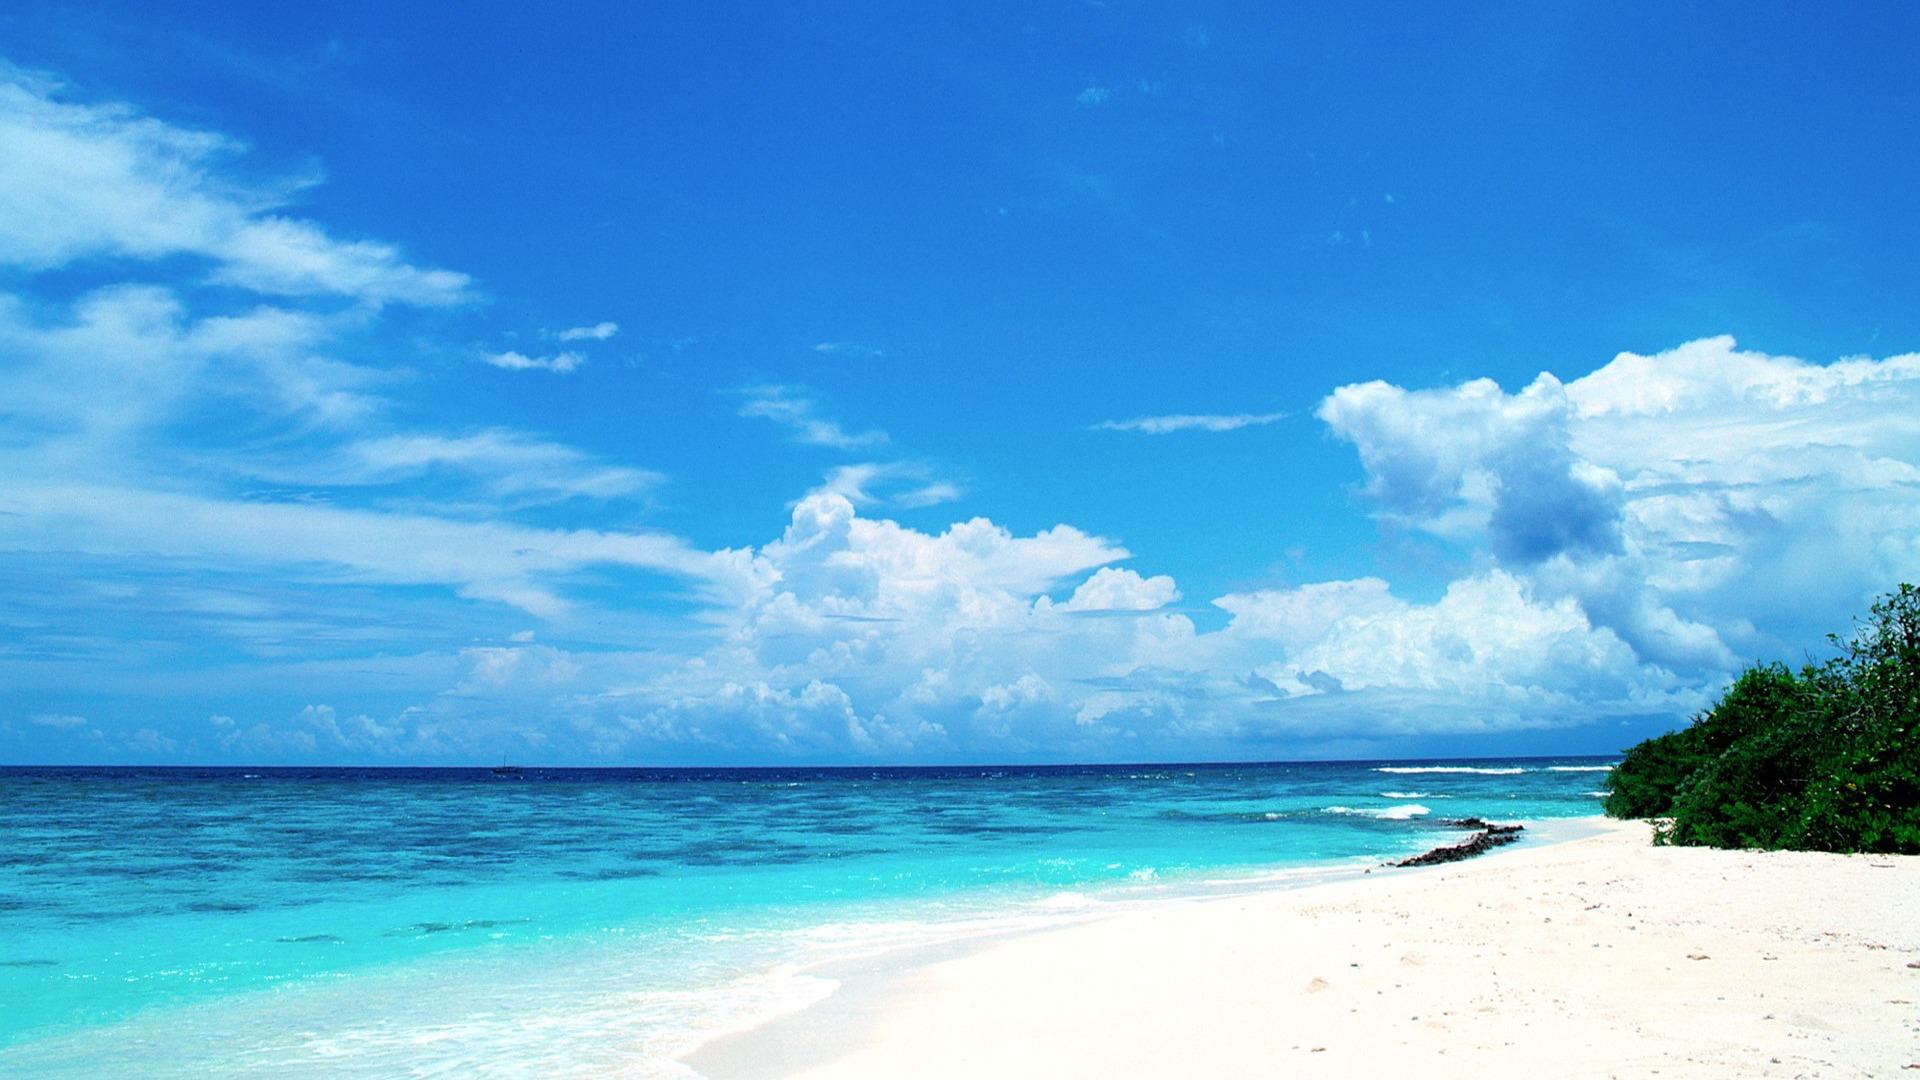 Maldives beach summer wallpaper   1920x1080 wallpaper download 1920x1080